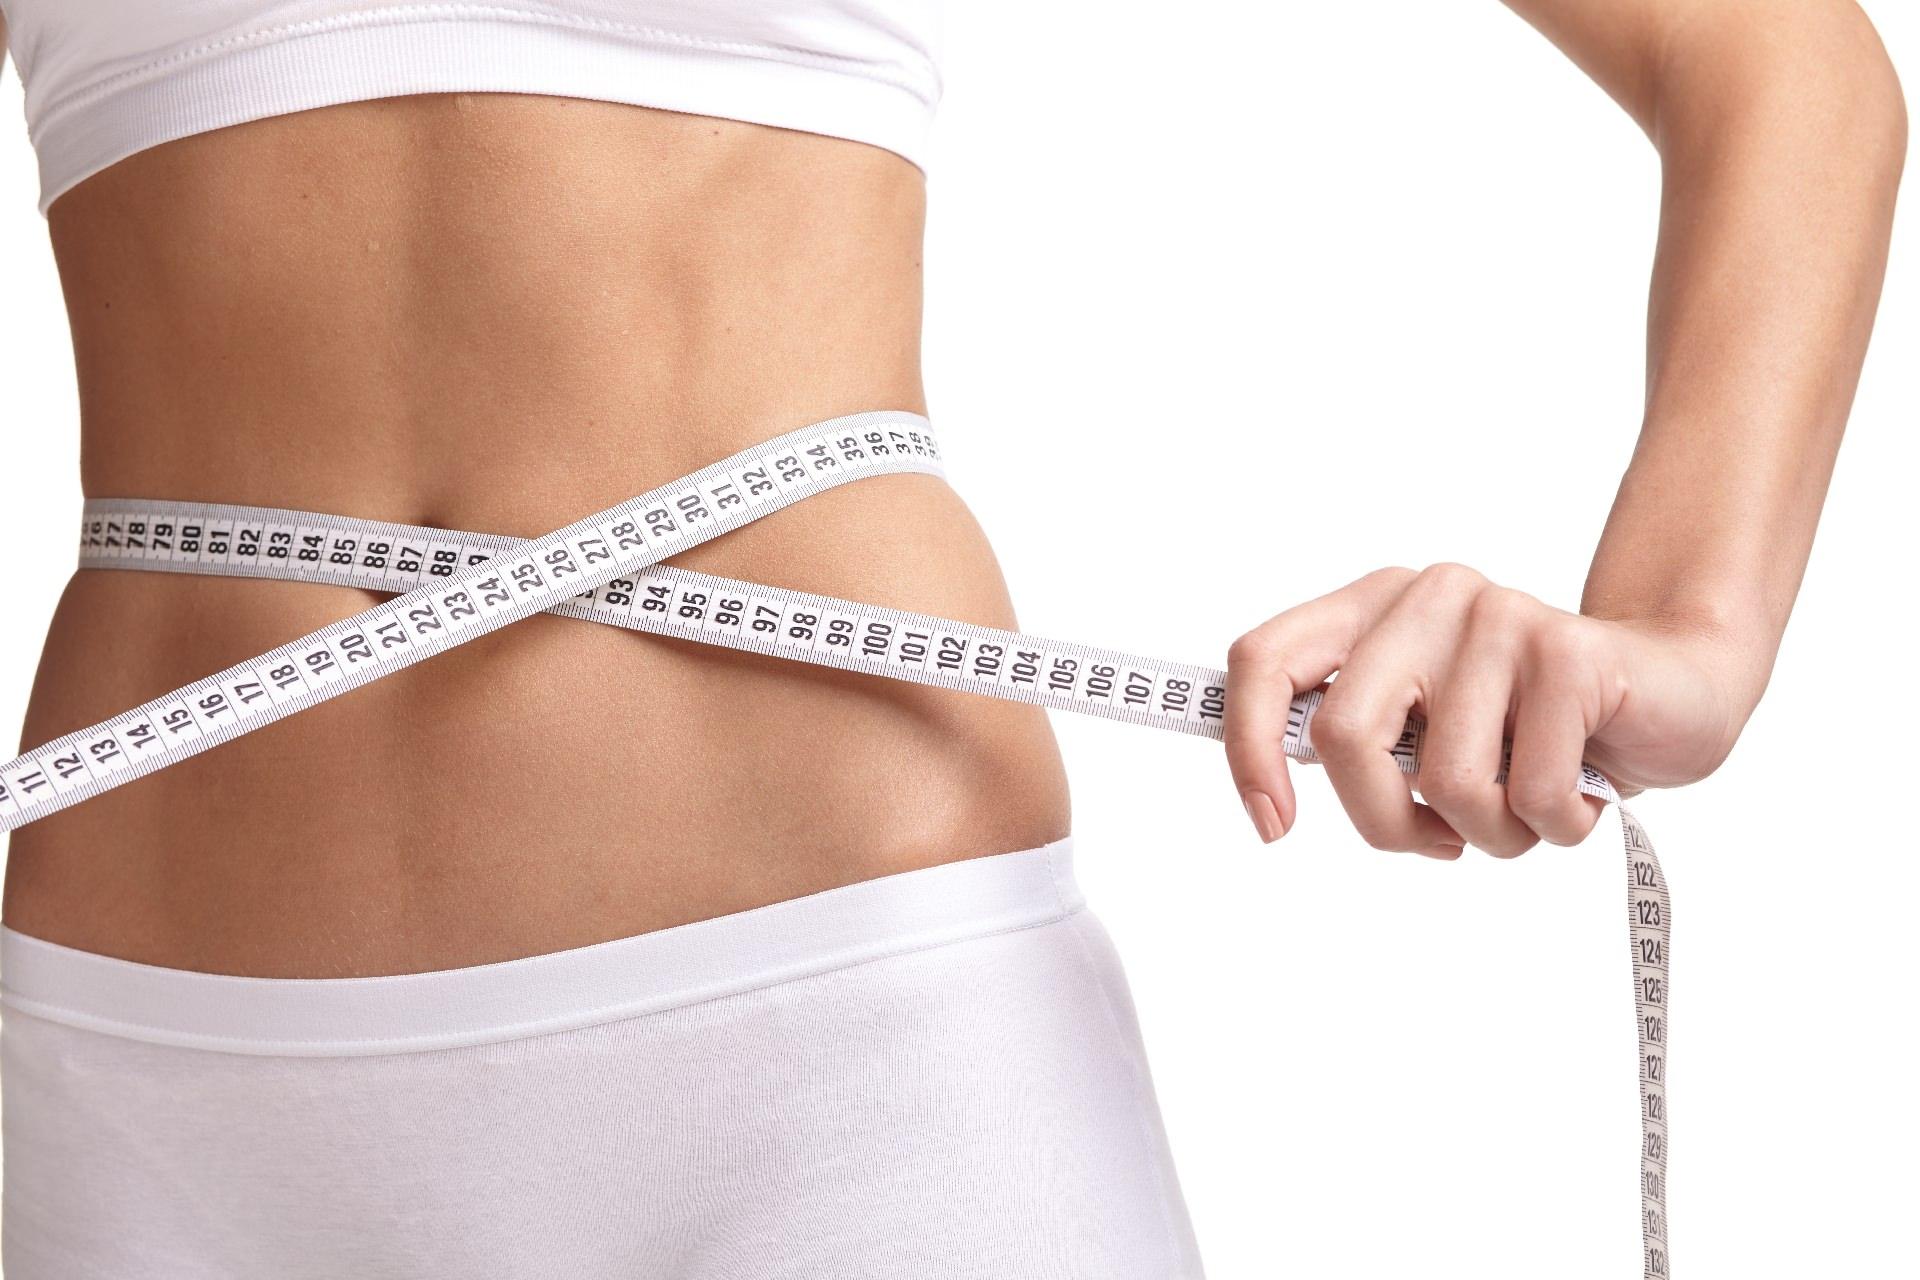 糖質制限ダイエットには危険も潜んでいる